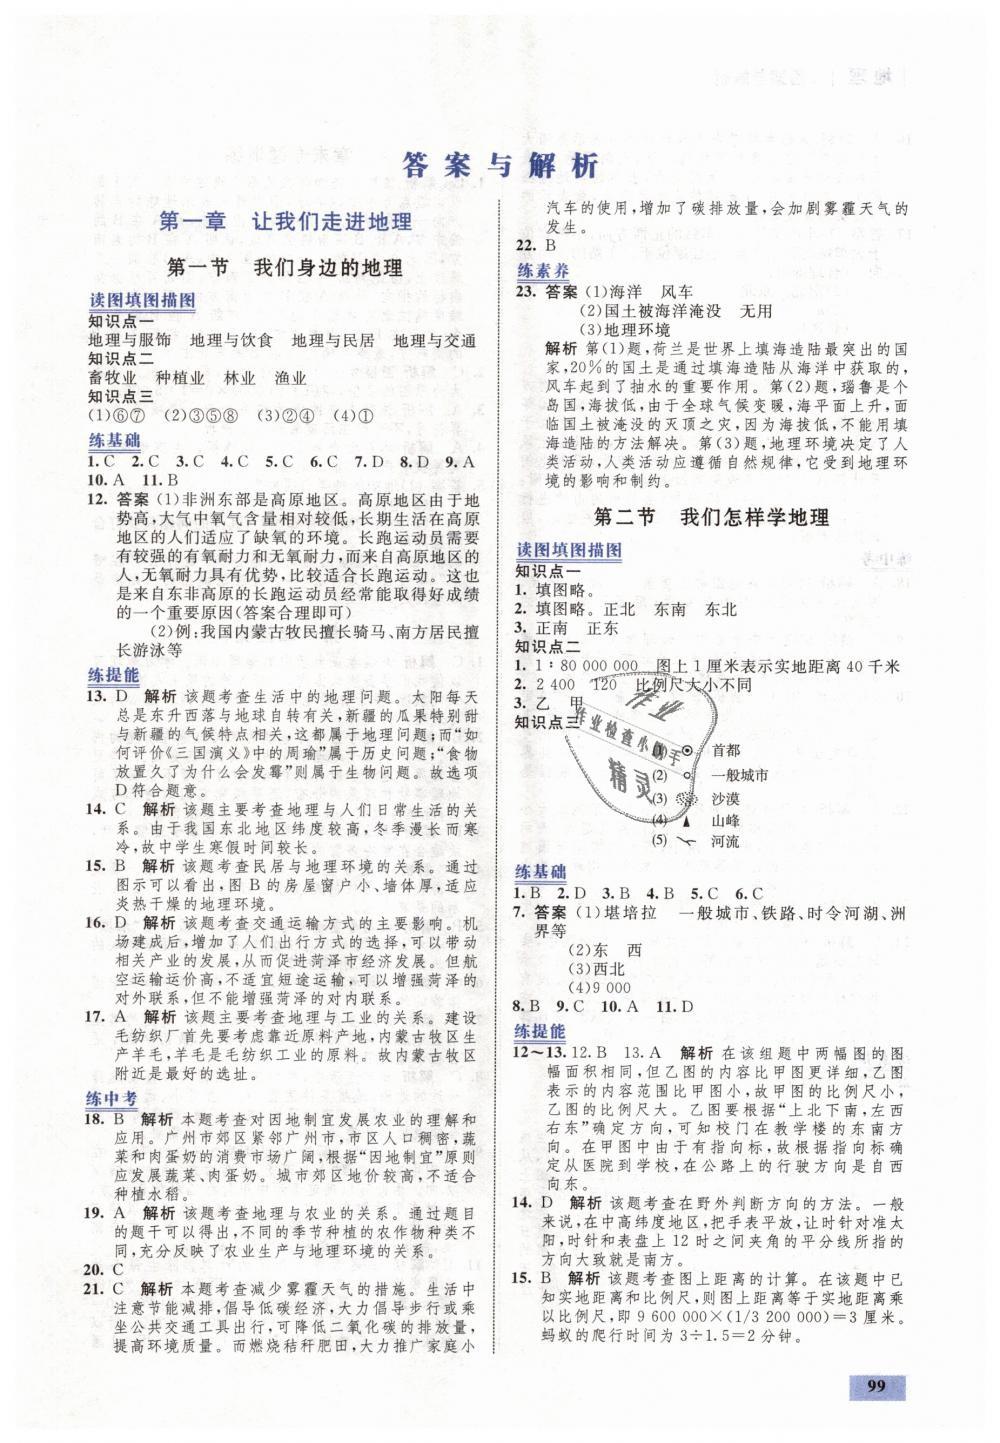 2018年初中同步学考优化设计七年级地理上册湘教版第1页